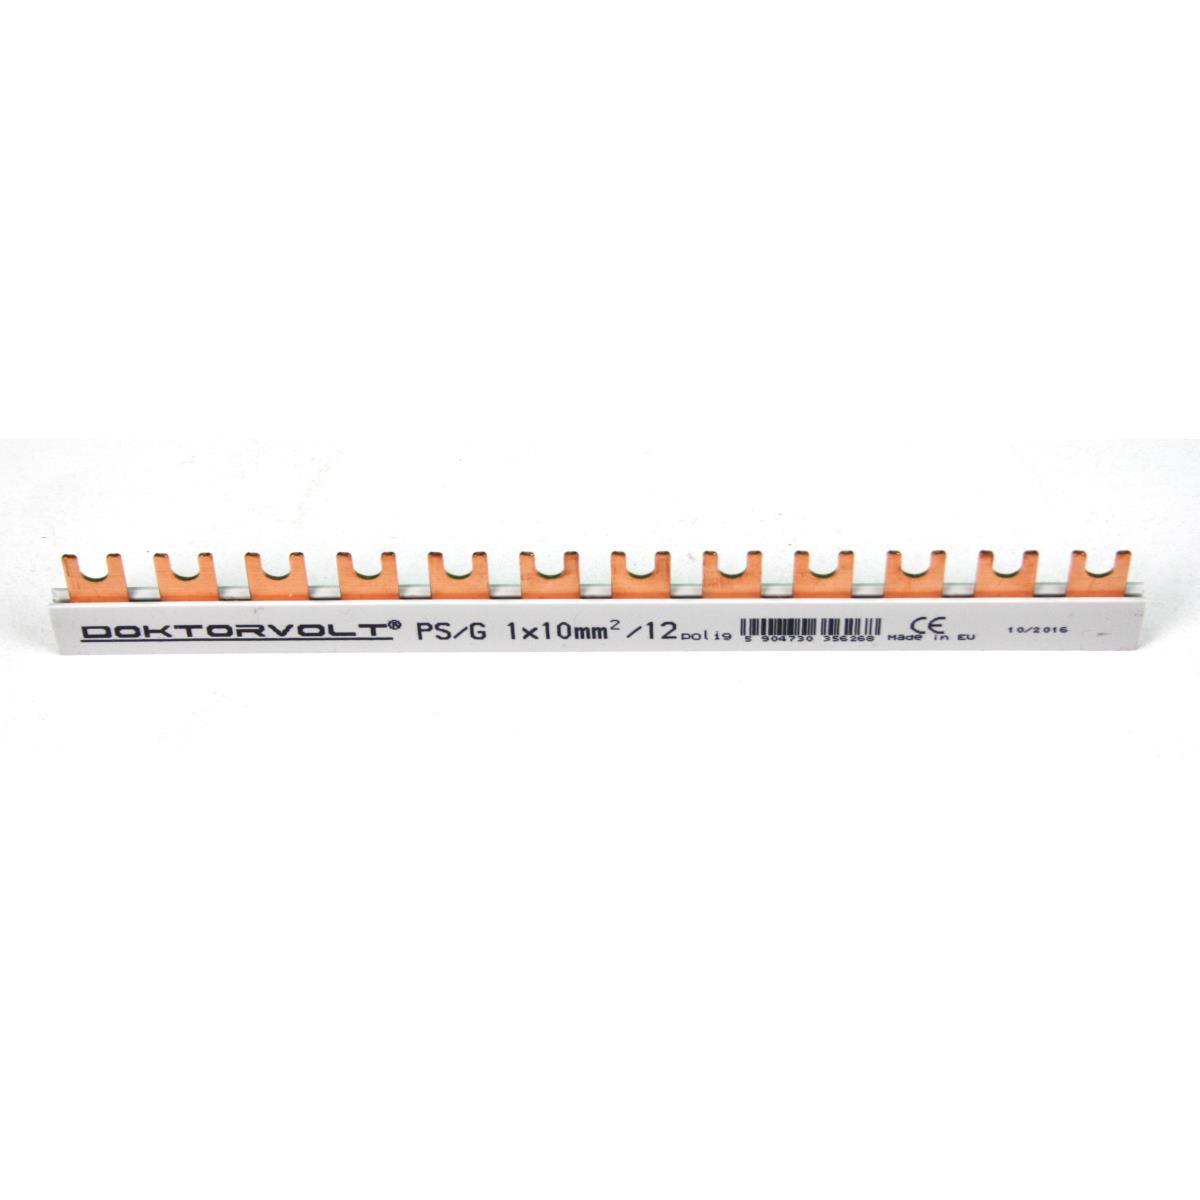 Phasenschiene 1x10mm² 12-Module Sammelschiene Kammschiene Hutschiene 63A,Doktorvolt,DV-6268-PSG, 5904730356268